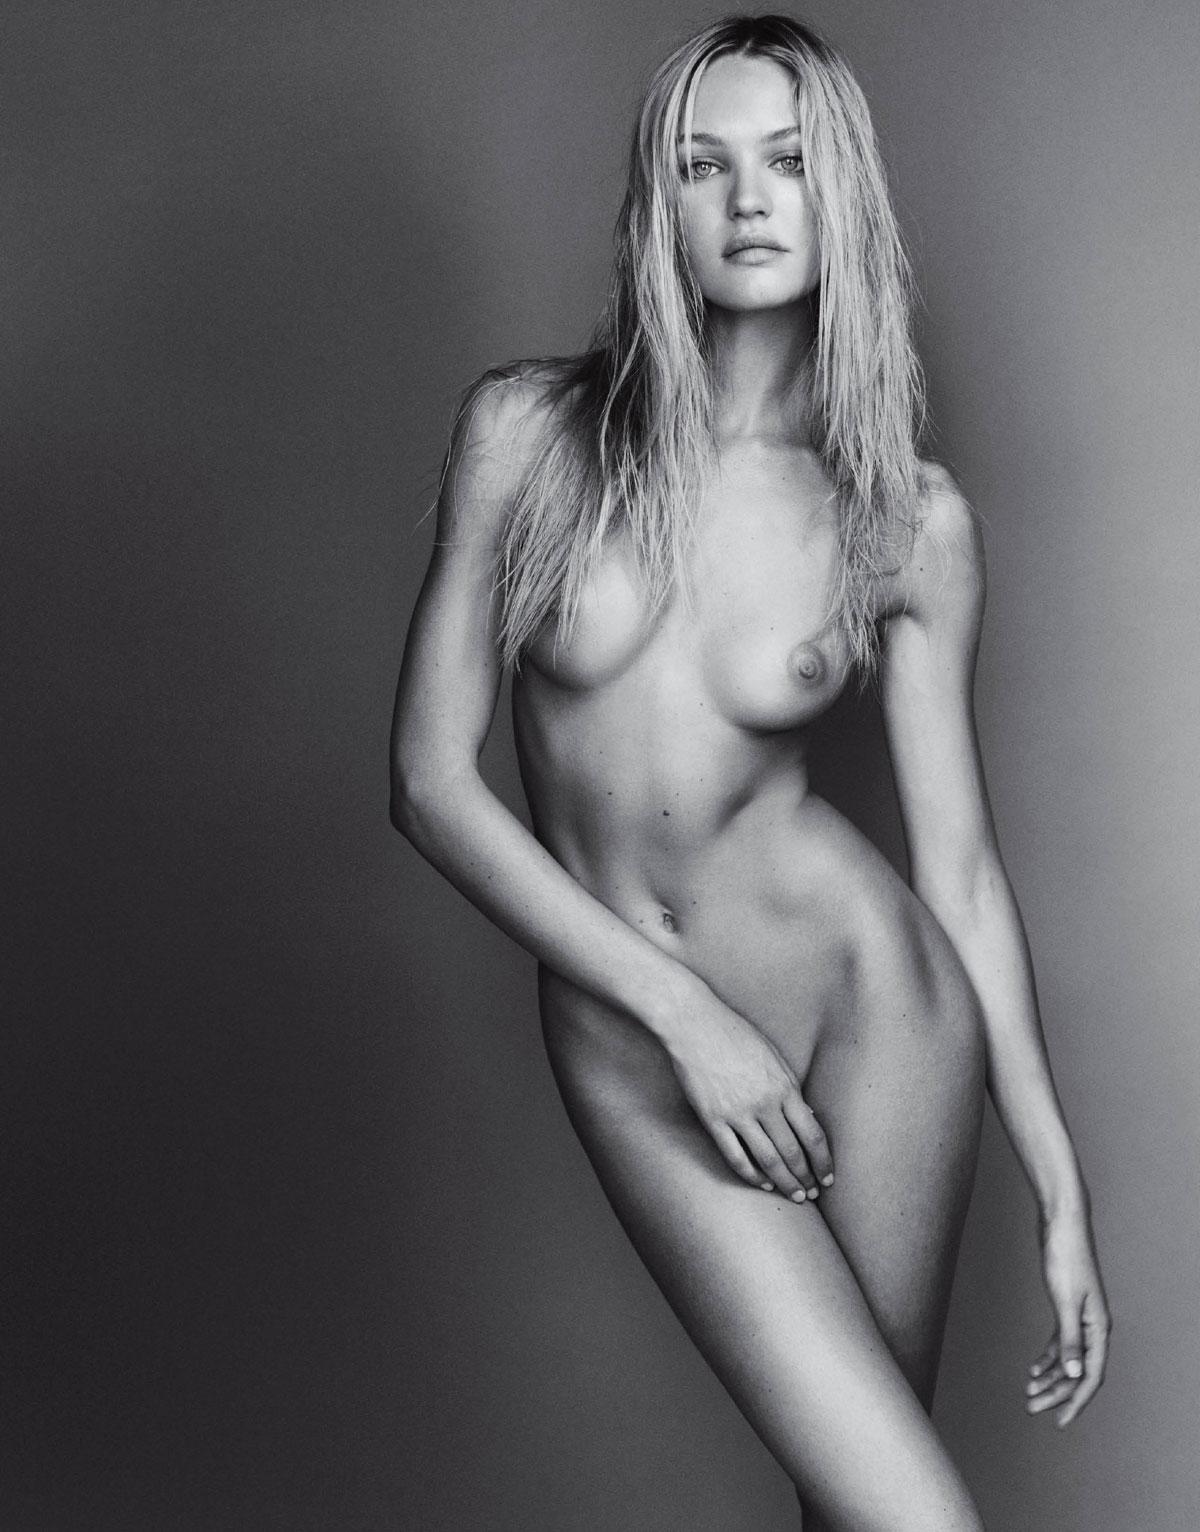 secret nude Victoria models